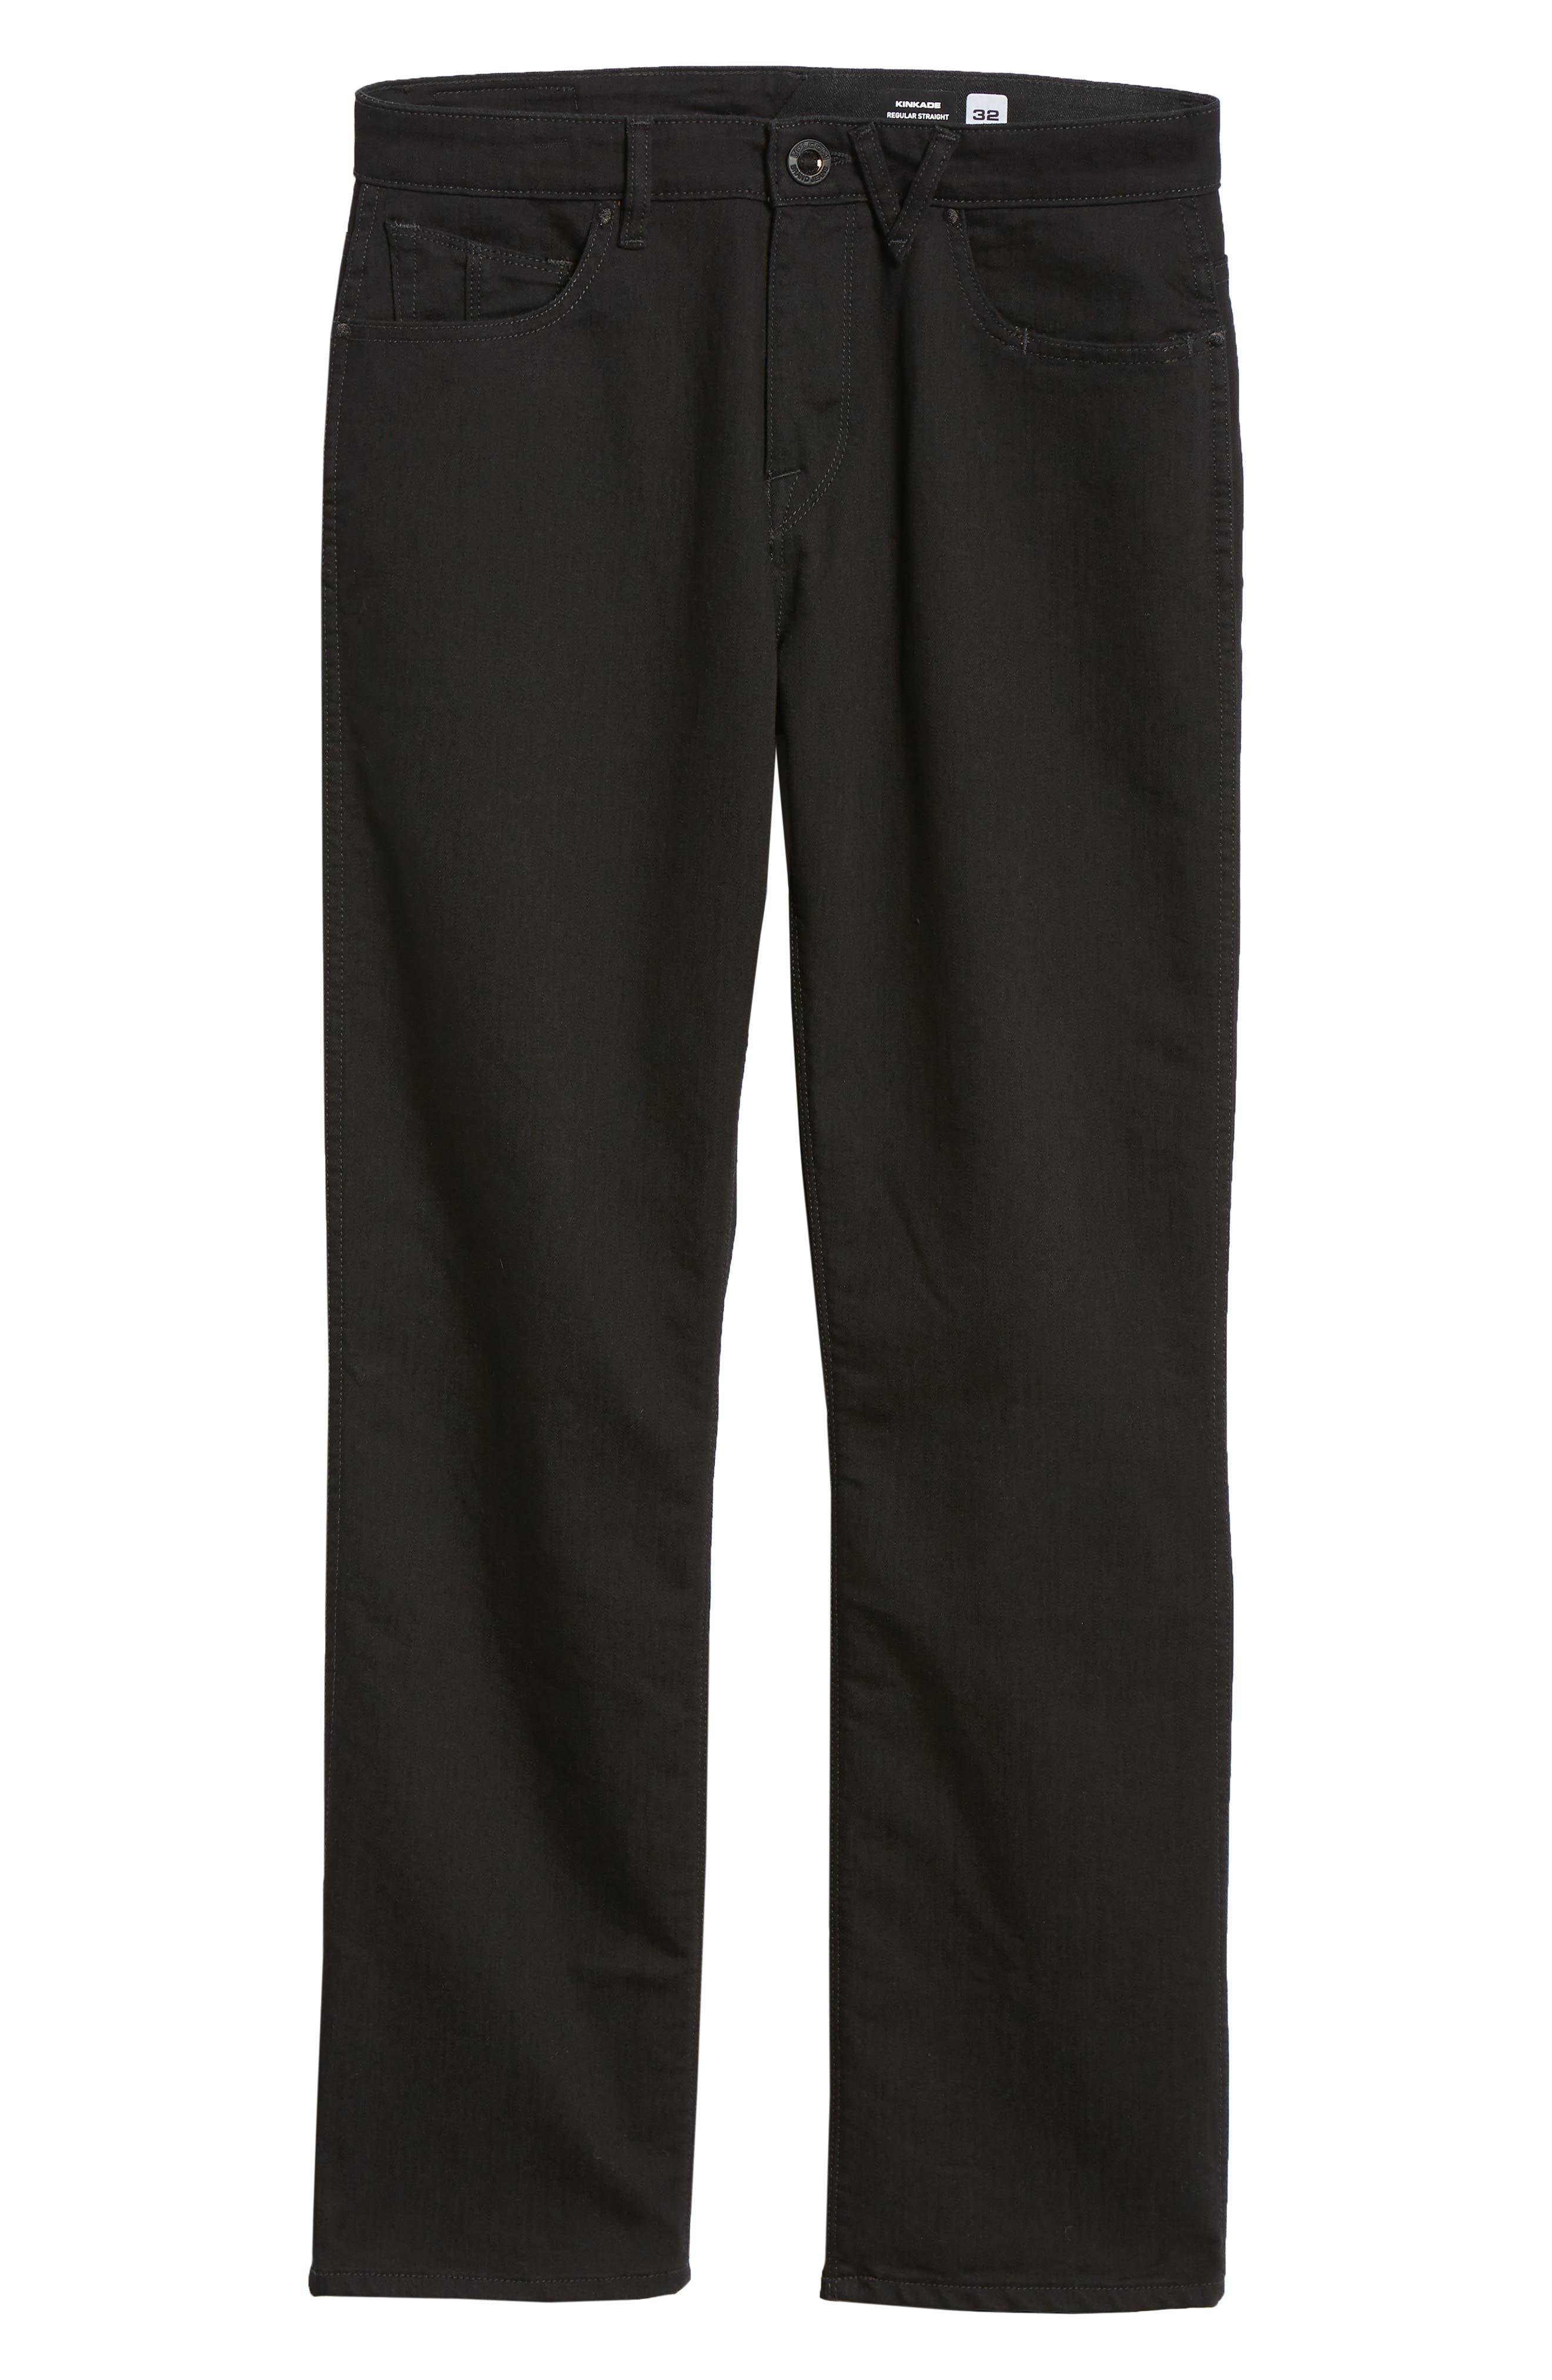 Kinkade Slim Fit Jeans,                             Alternate thumbnail 6, color,                             TOUGH BLACK